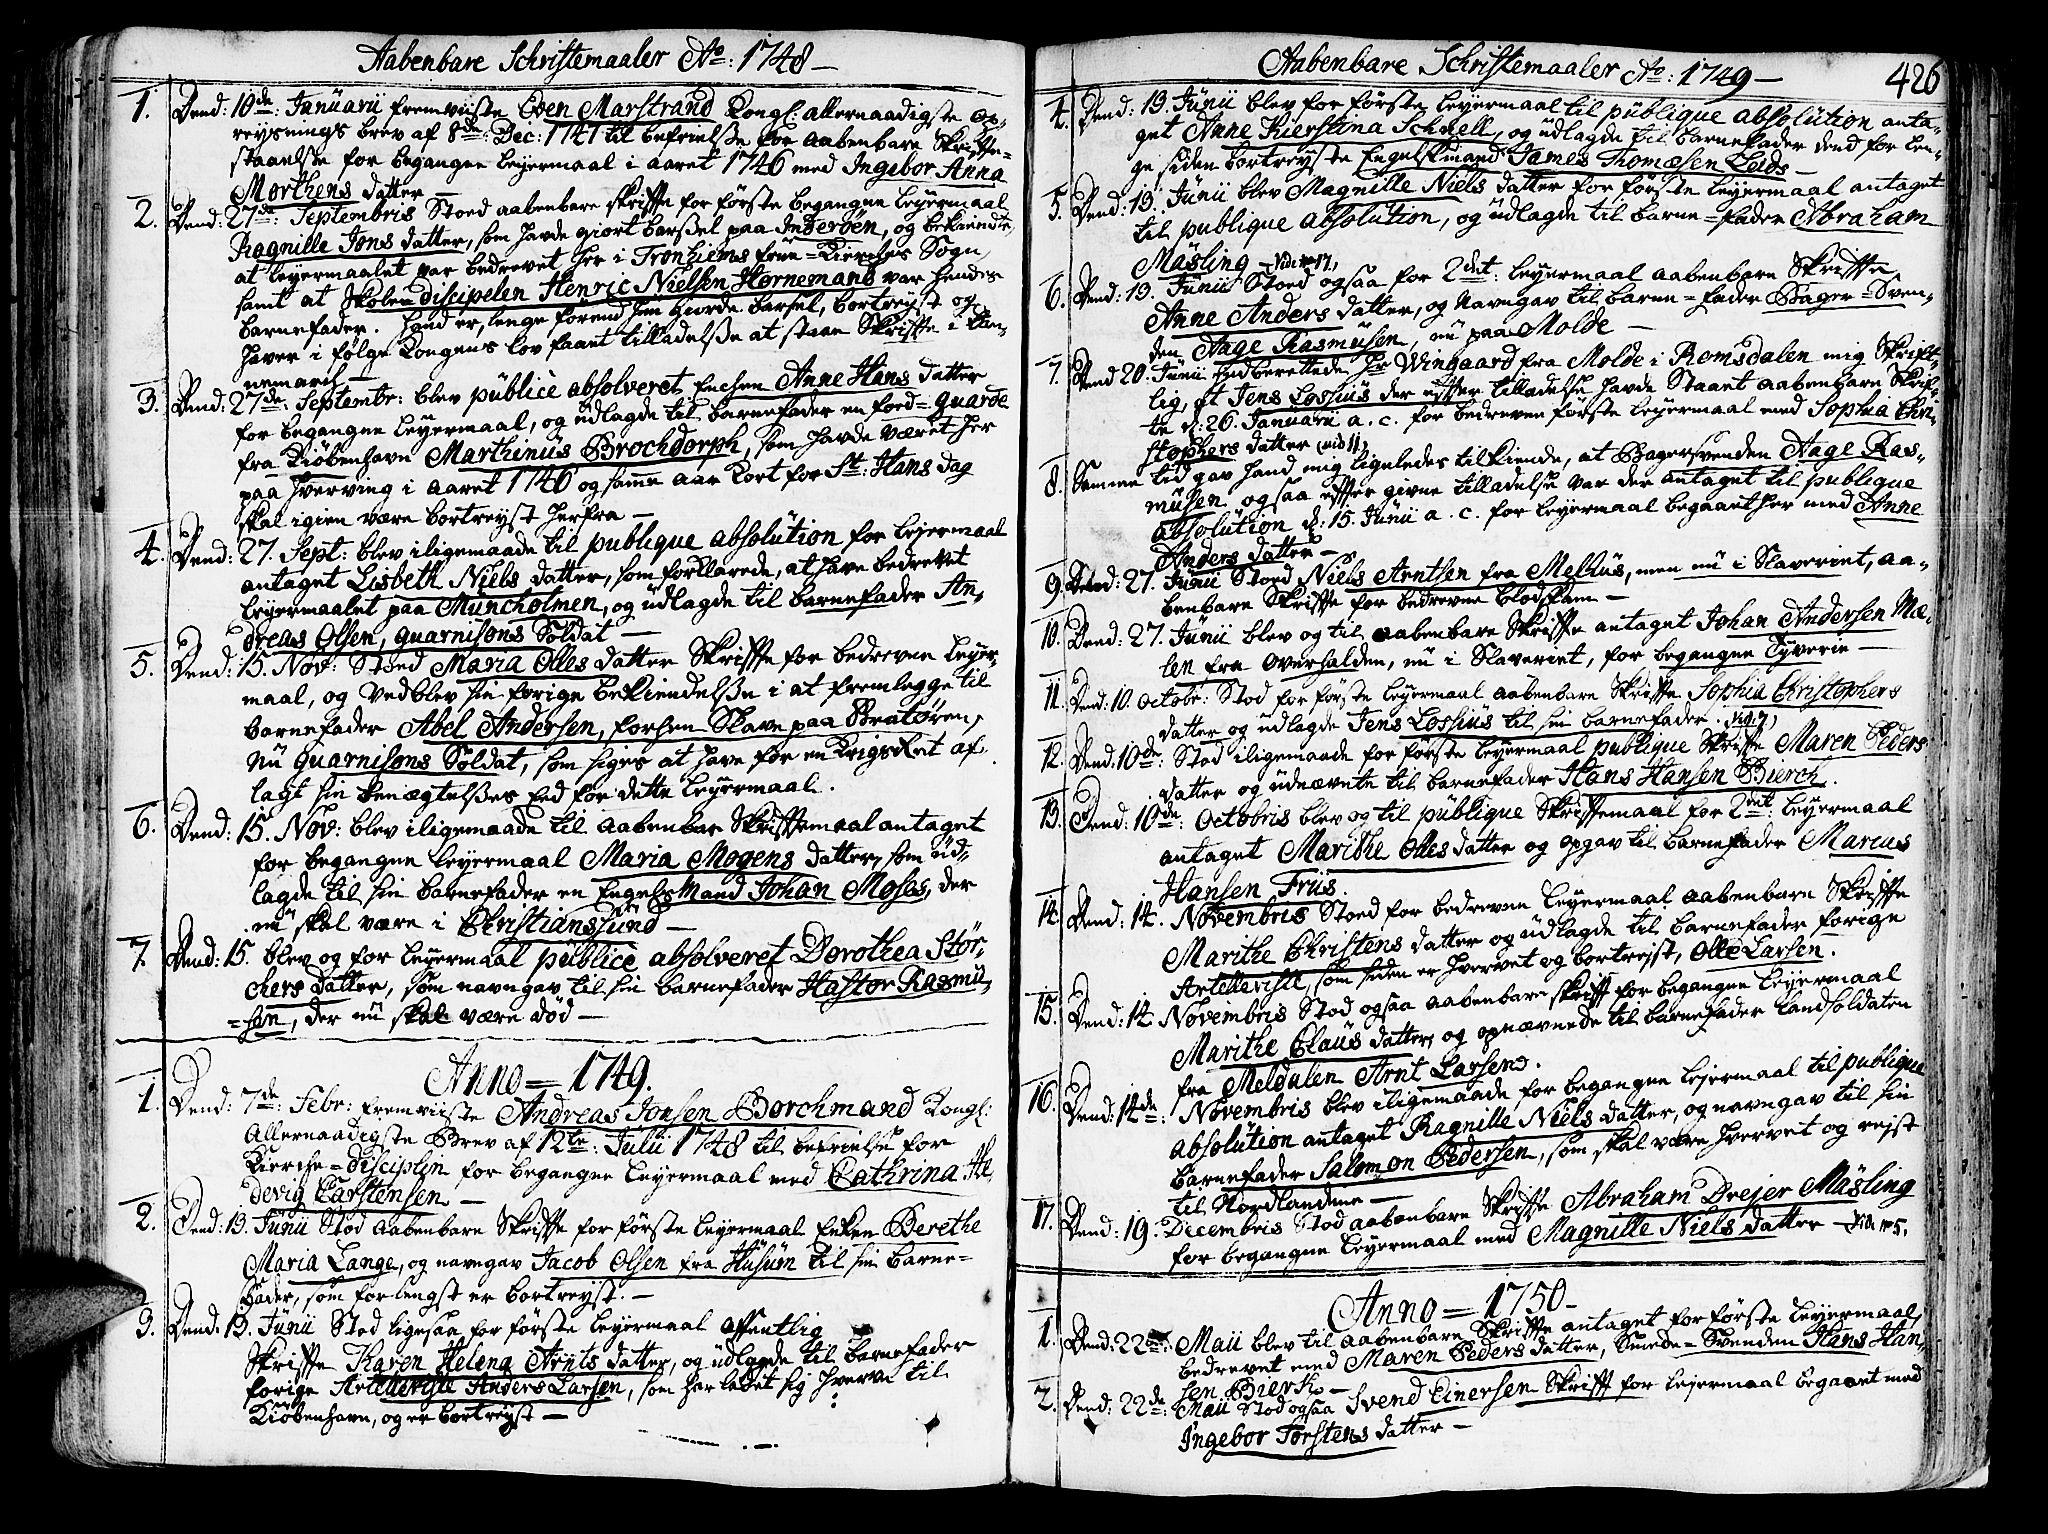 SAT, Ministerialprotokoller, klokkerbøker og fødselsregistre - Sør-Trøndelag, 602/L0103: Ministerialbok nr. 602A01, 1732-1774, s. 426